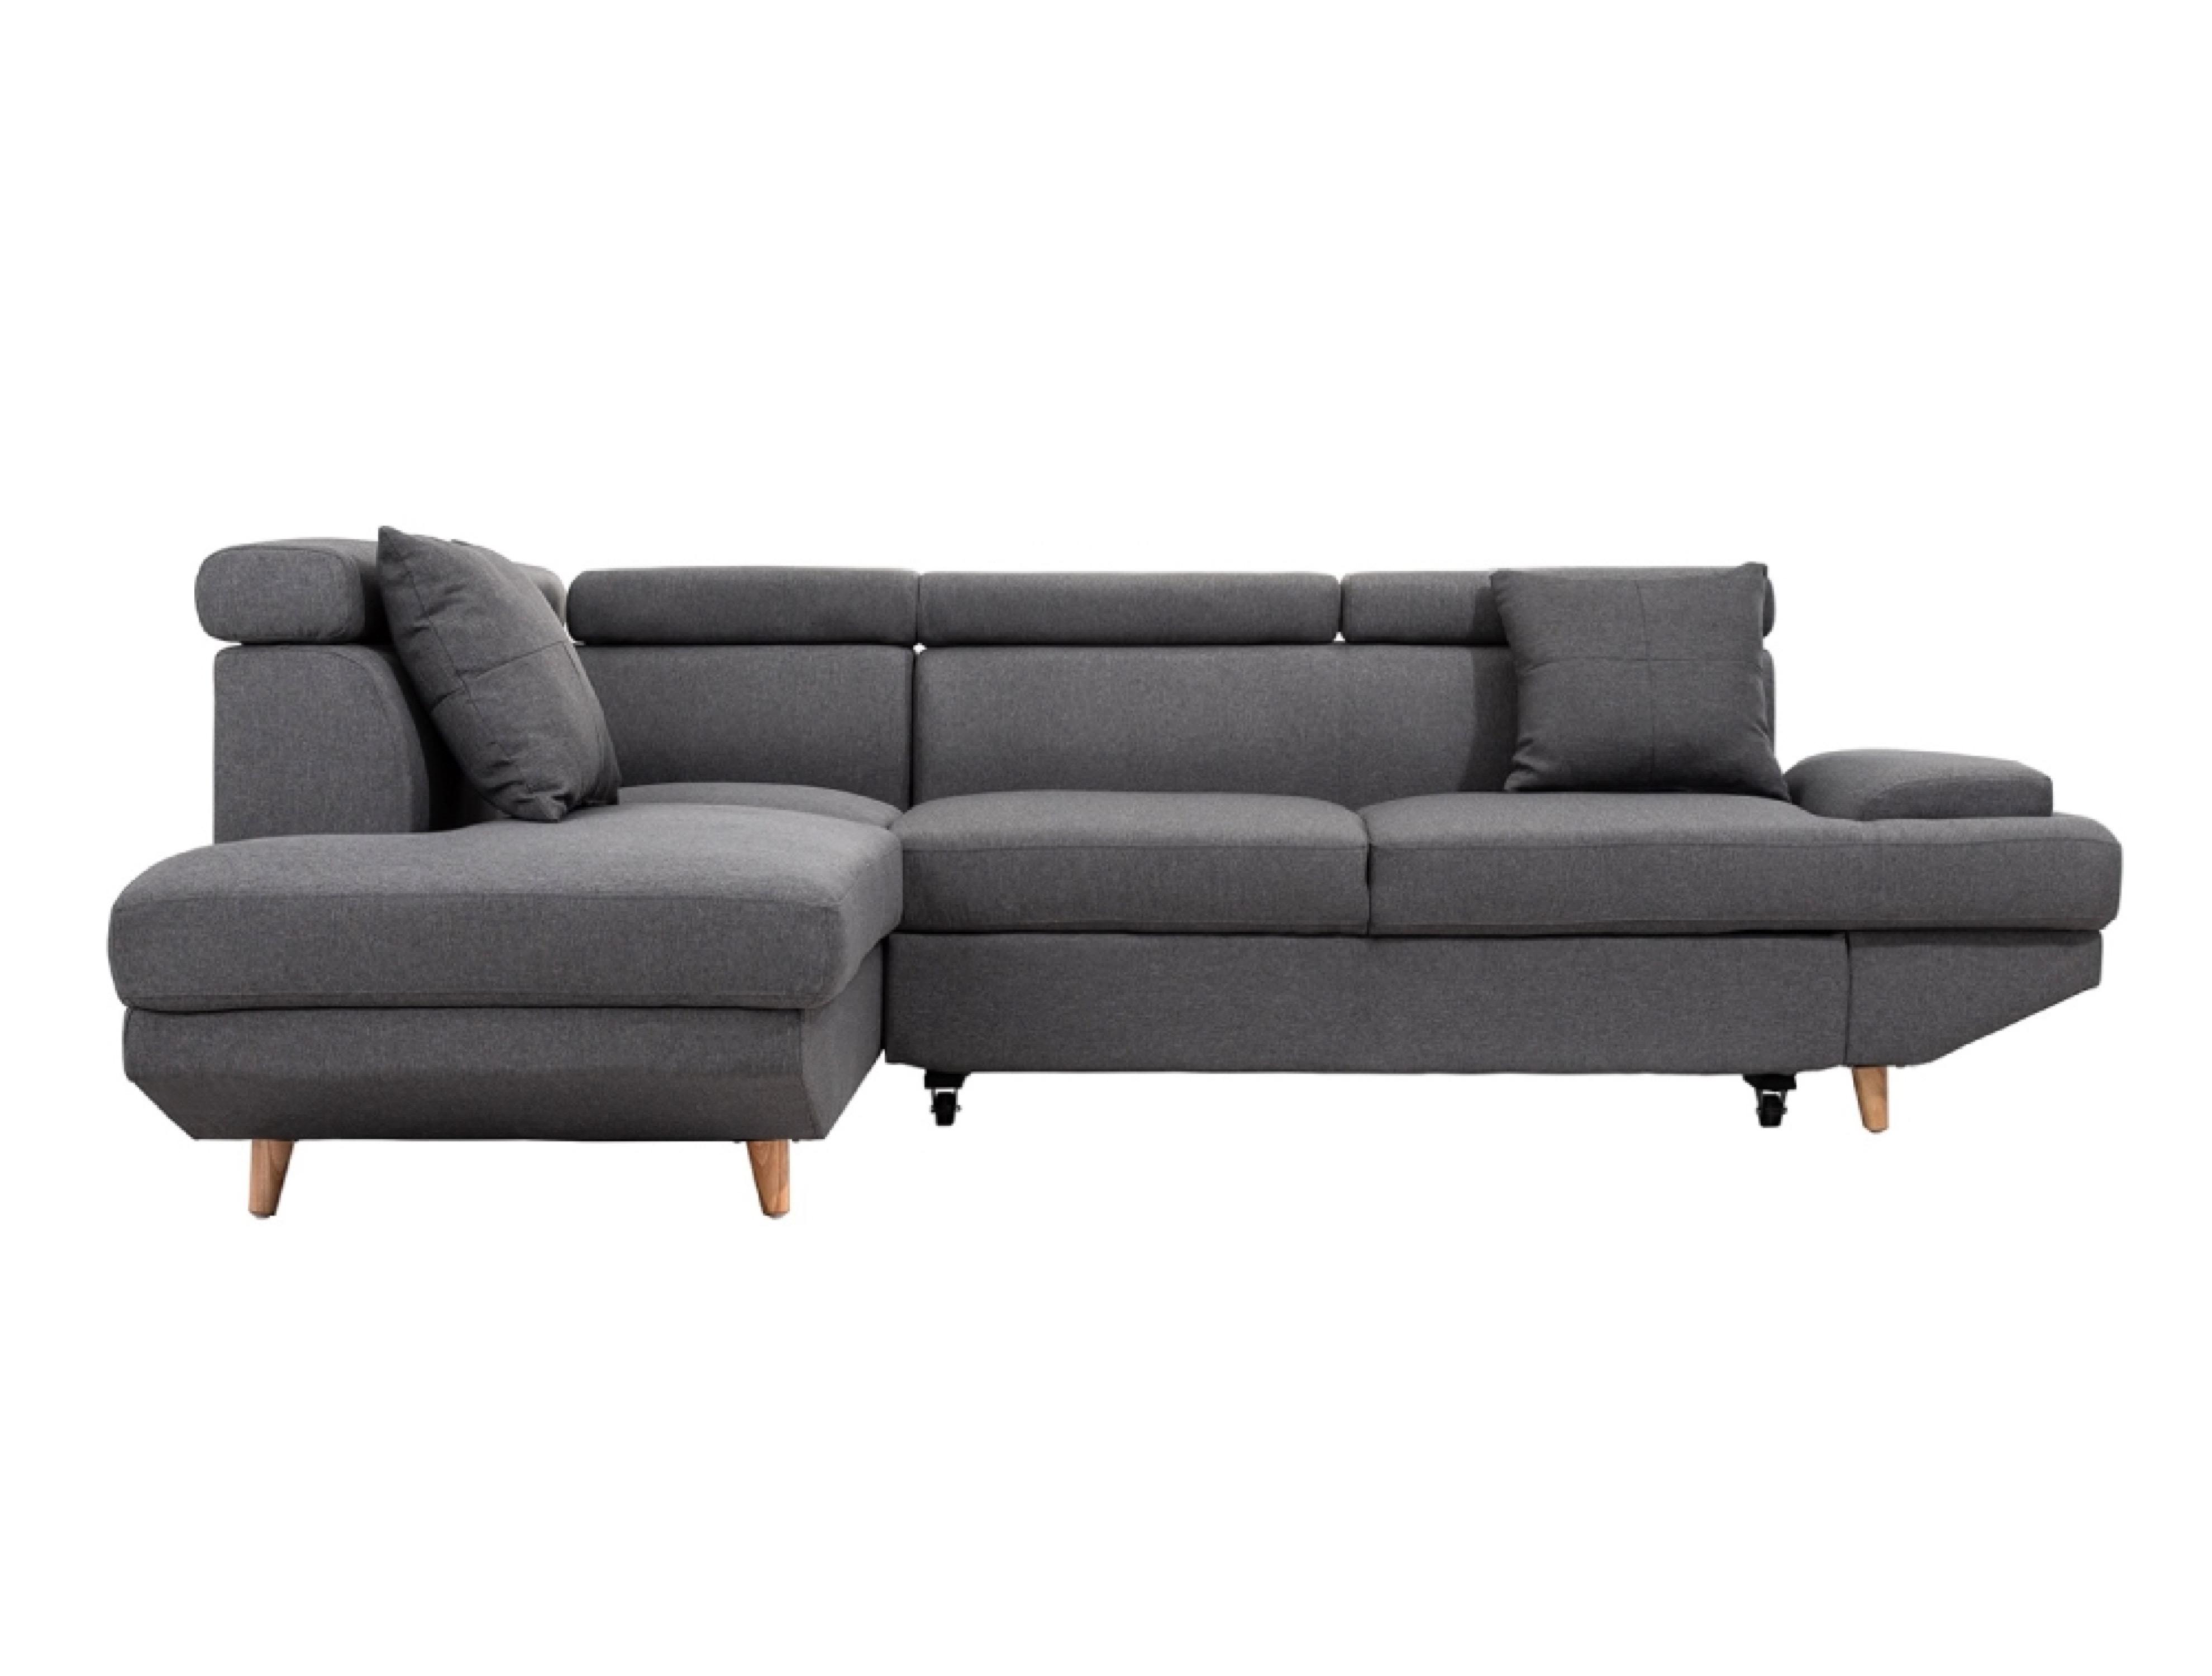 Canapé d'angle 4 places Gris Tissu Design Confort